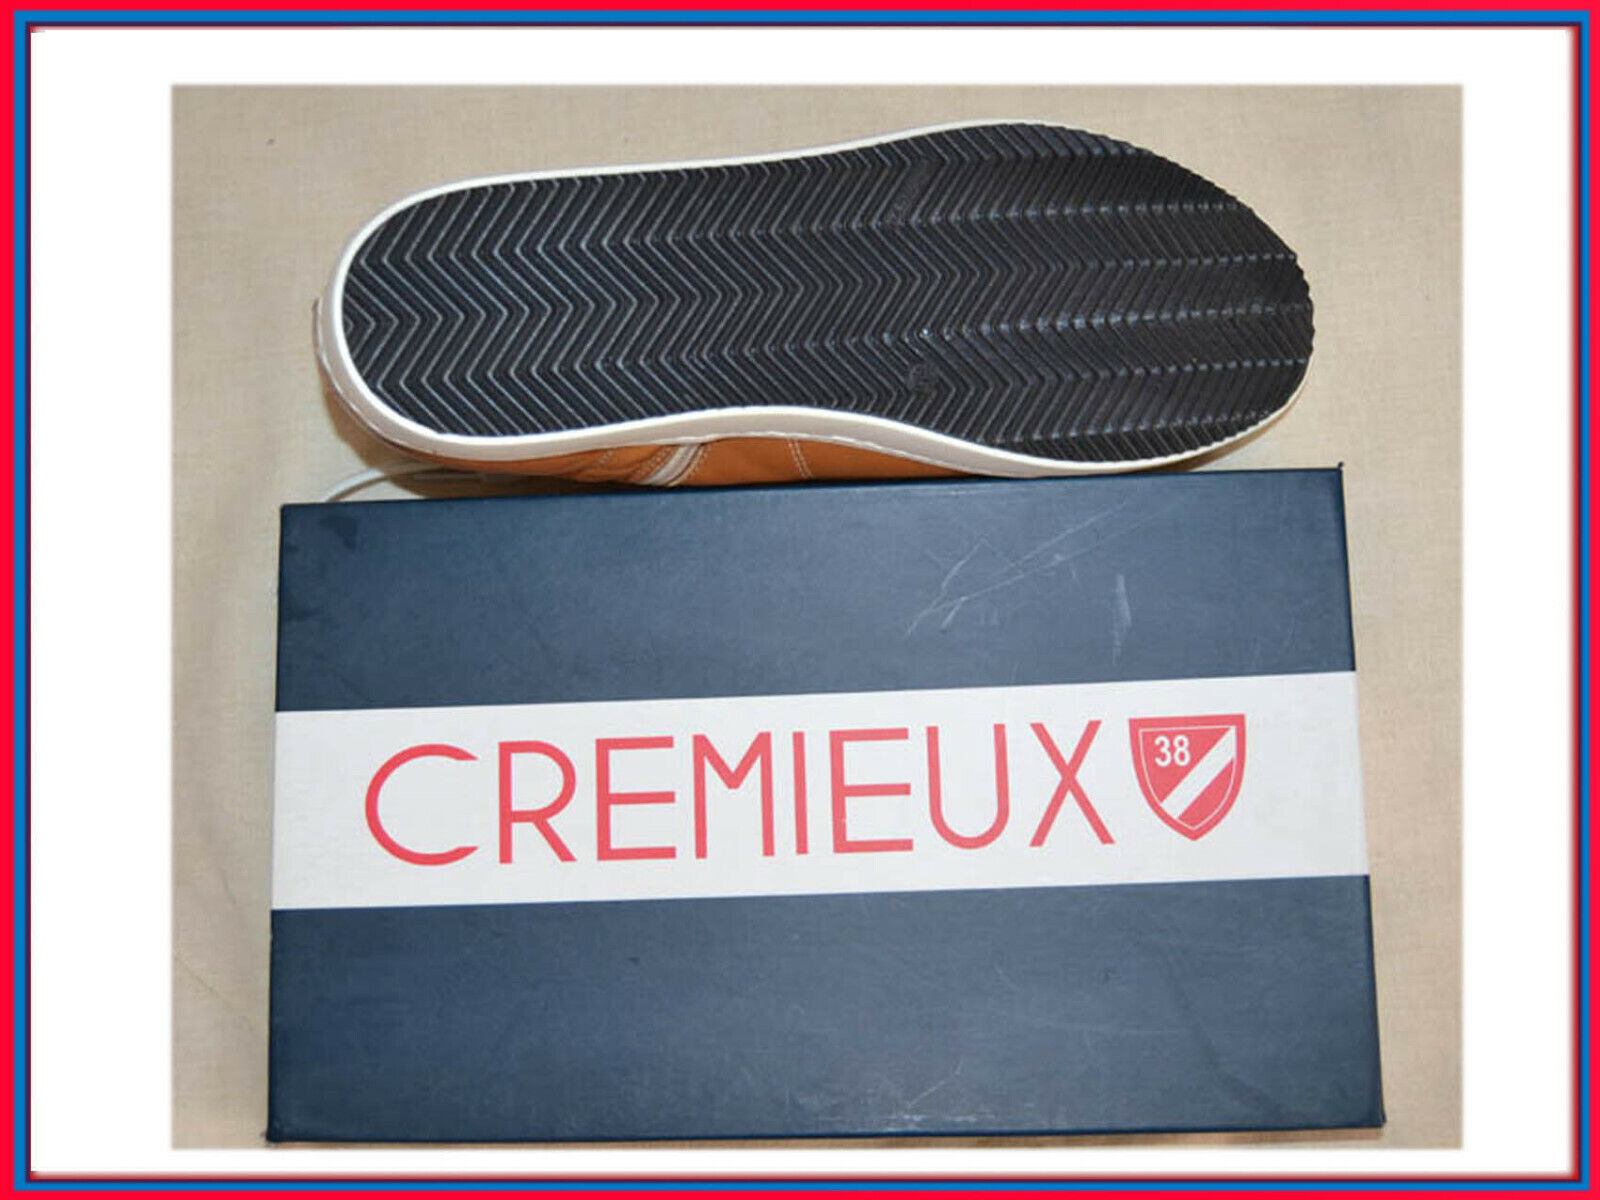 CREMIEUX CREMIEUX CREMIEUX Made In  botas Homme 45 EU 11 UK 12 US  CX01 T3P 53d8f1